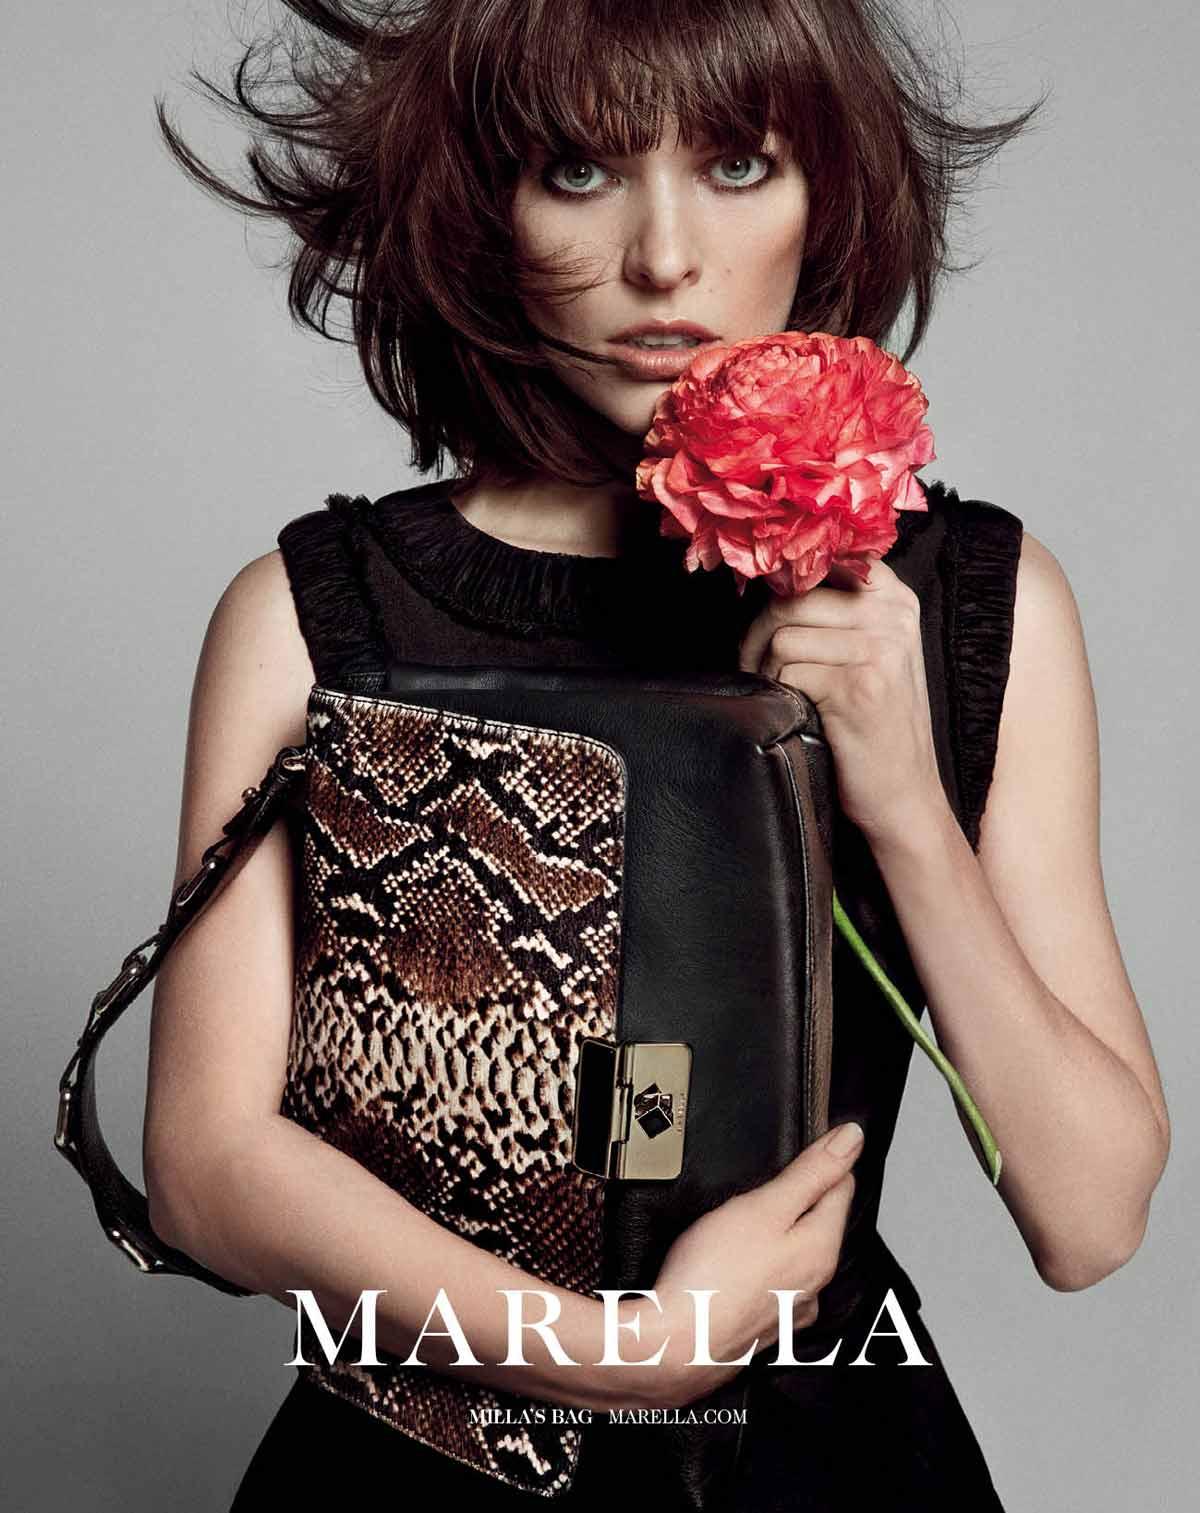 Milla Jovovich Fronts Marella Fall 2013 Campaign by Inez & Vinoodh